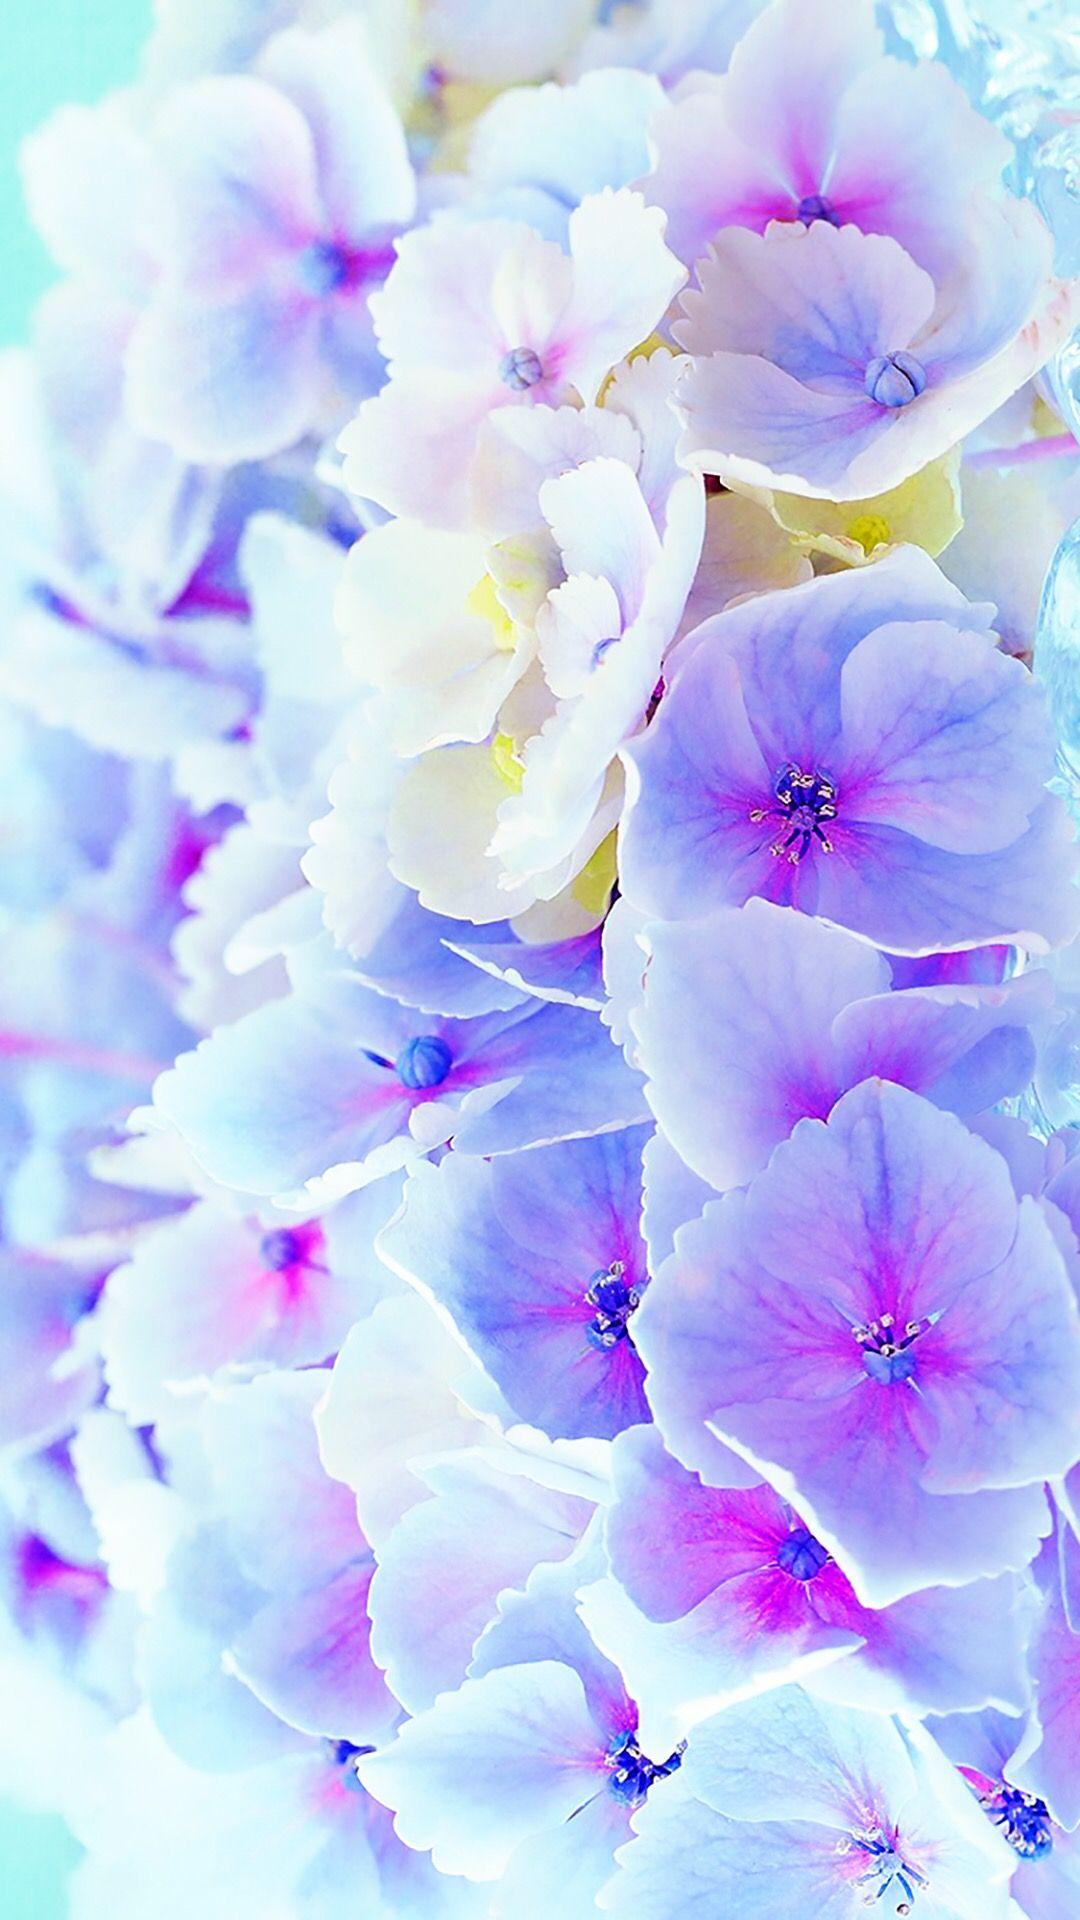 Pin by Sofiya Aleksandrova on Amazing Flower wallpaper